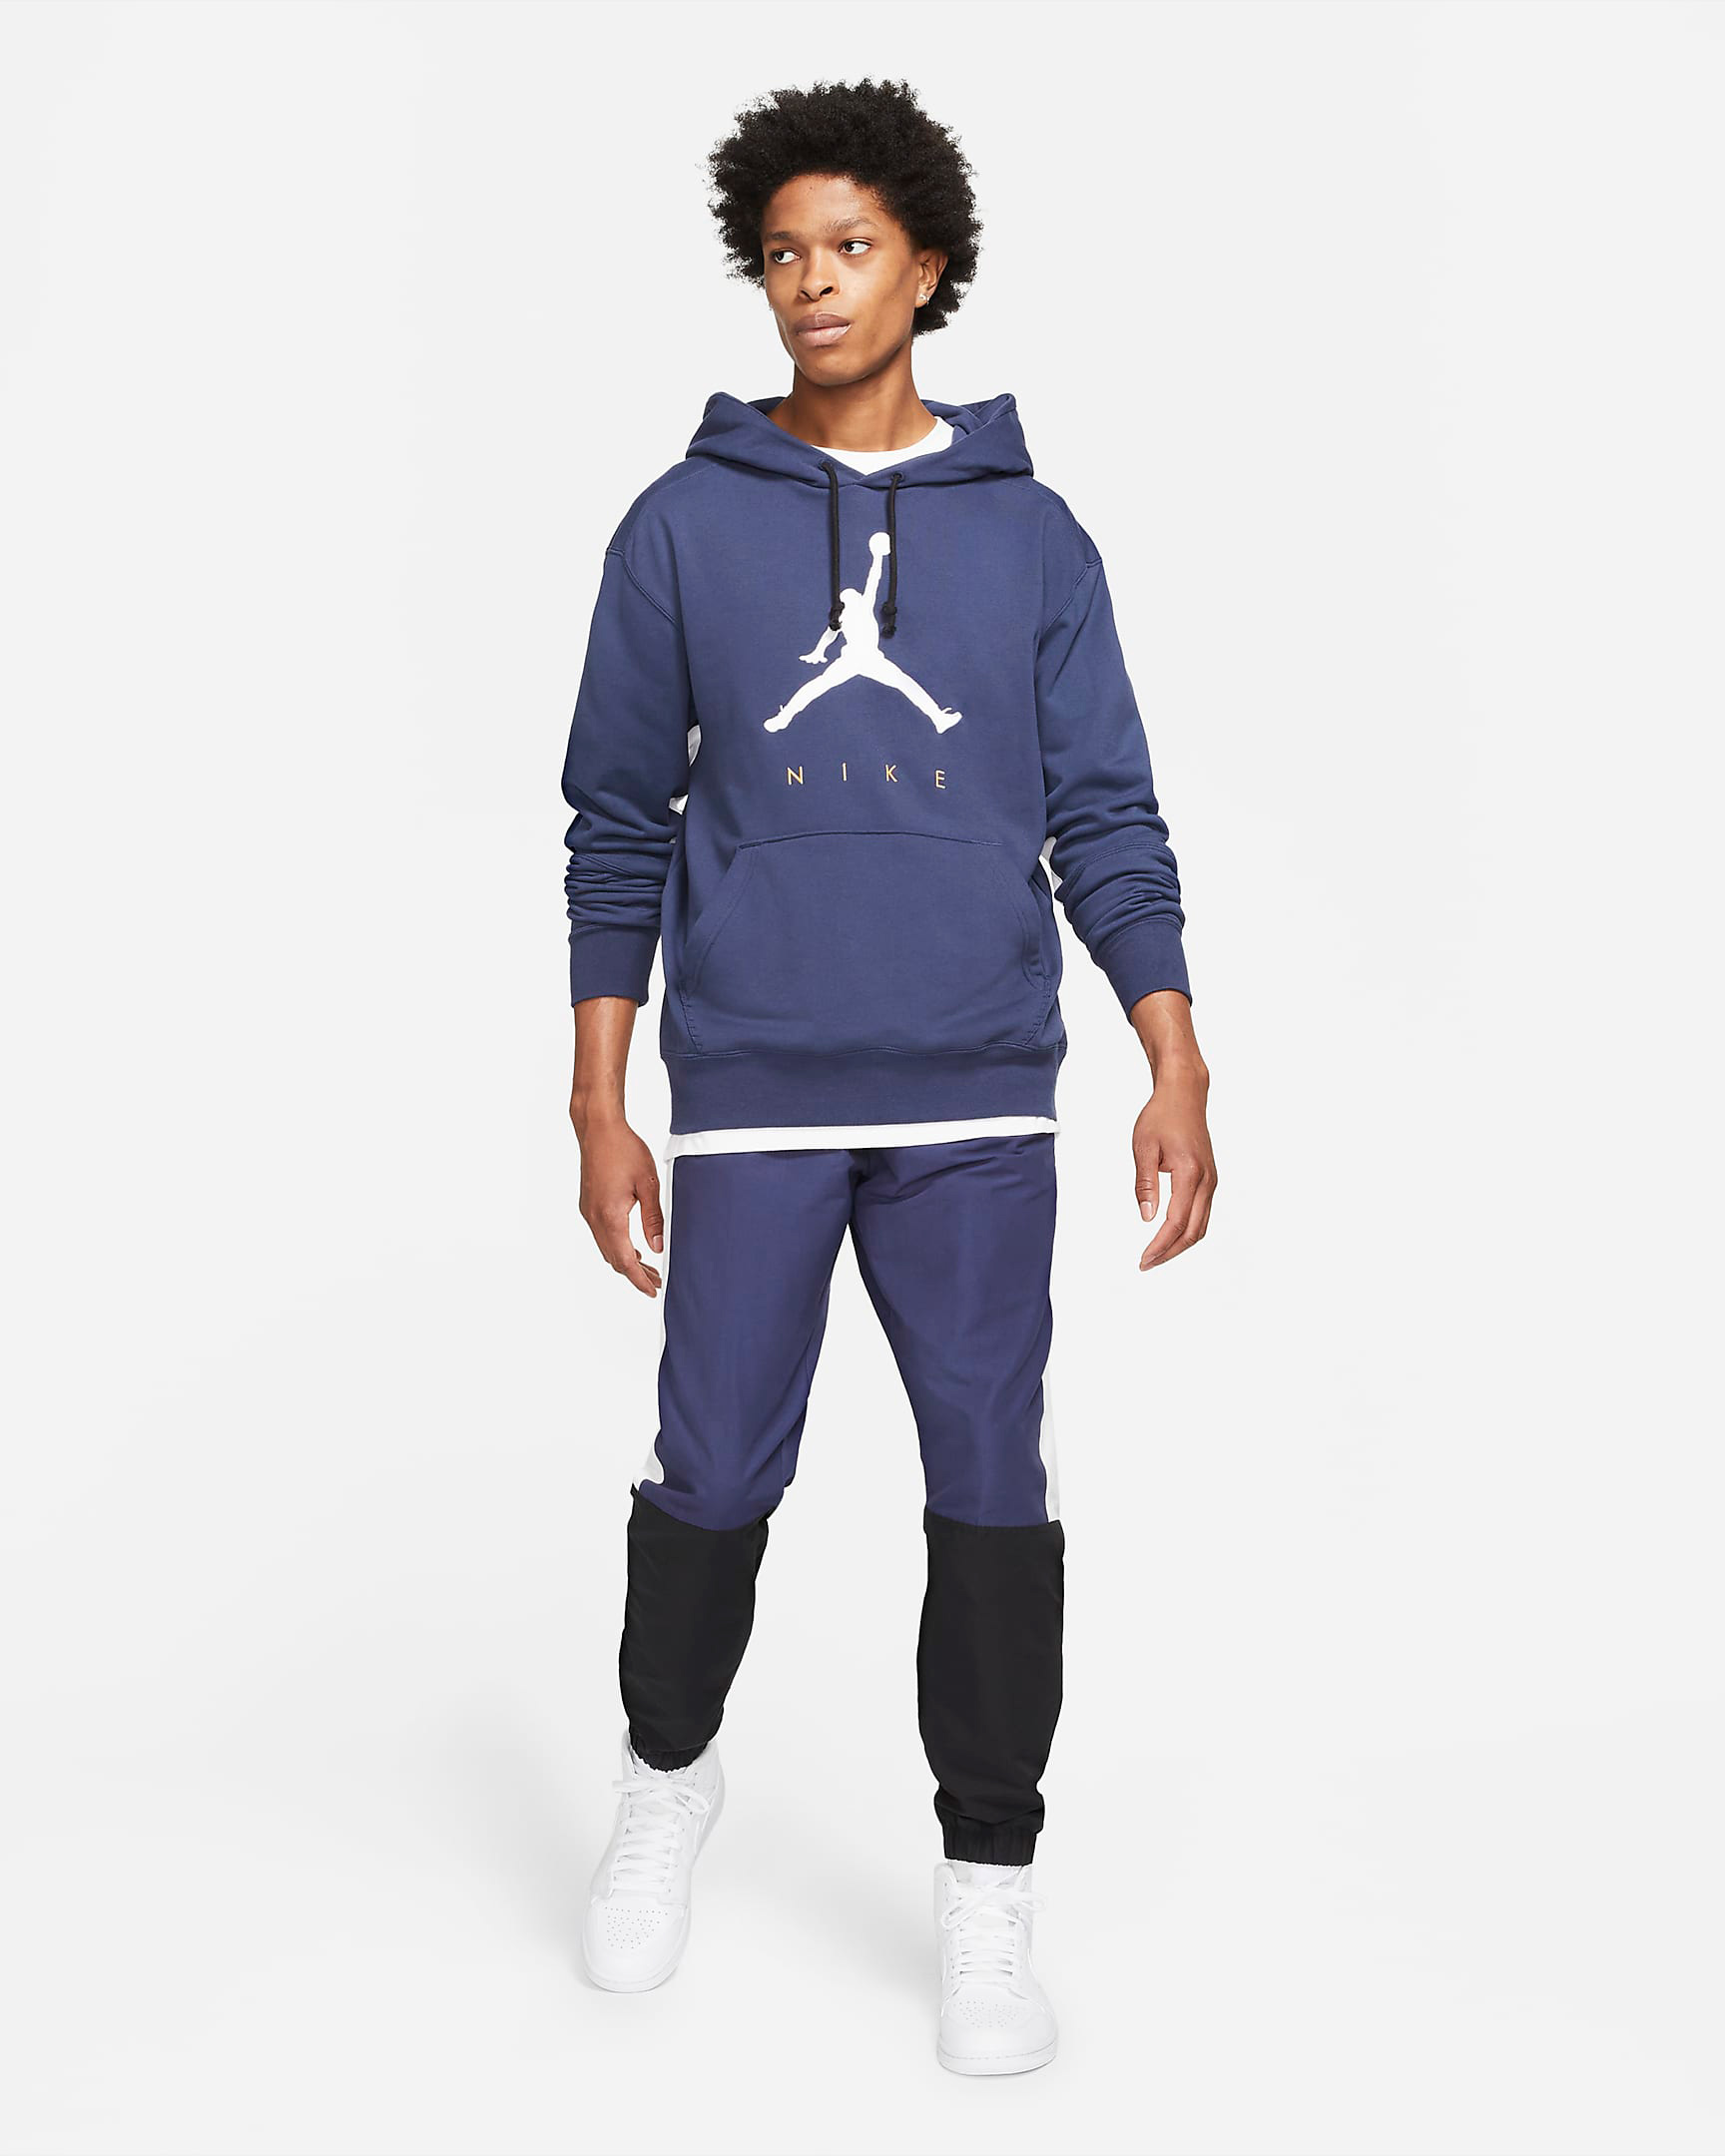 jordan-midnight-navy-hoodie-pants-outfit